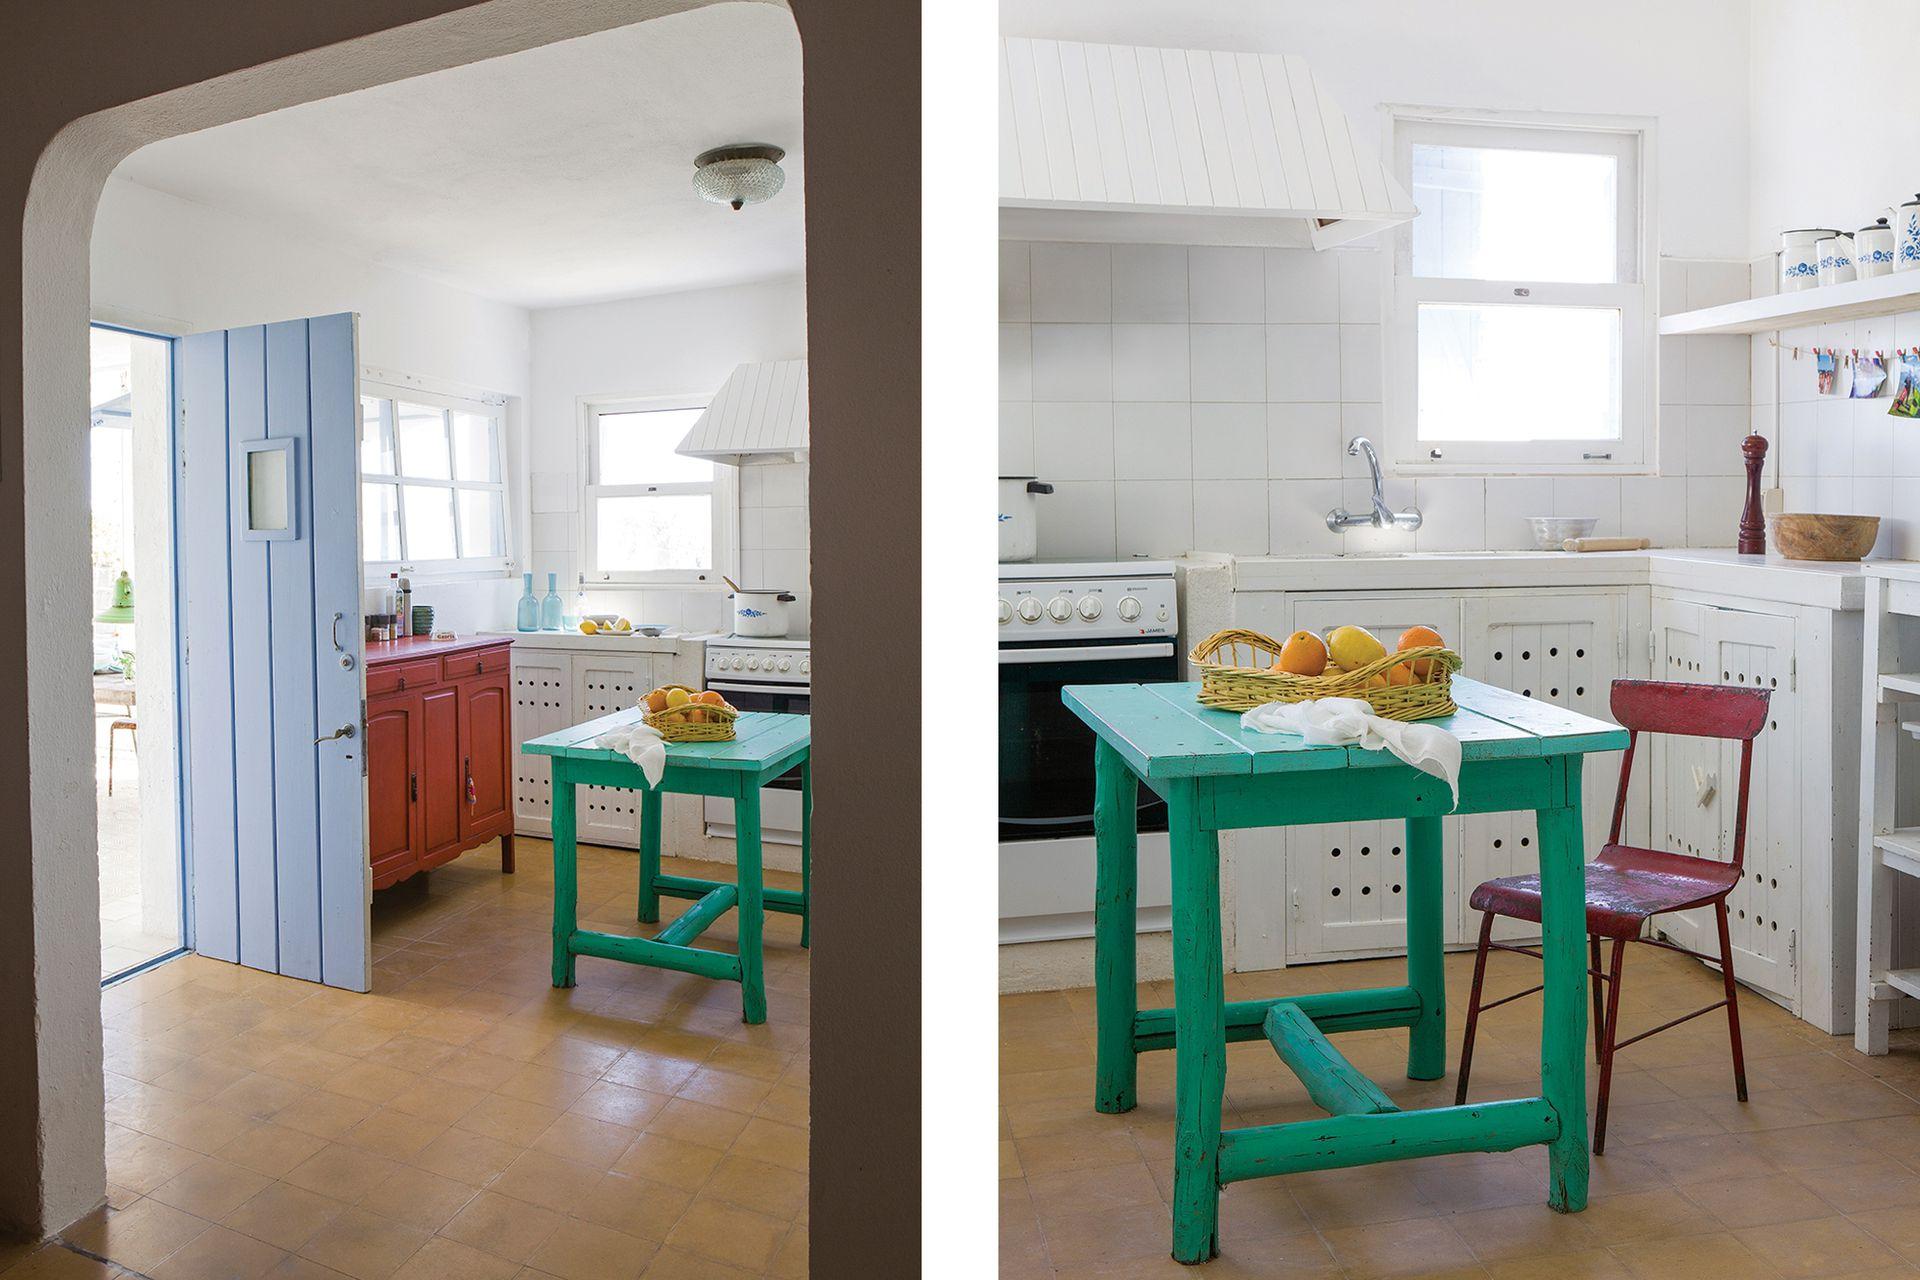 La cocina conserva los mismos muebles, la mesada y la campana machihembrada. La única intervención aquí fue pintar todo de blanco y sumar el revestimiento de azulejos 20x20.